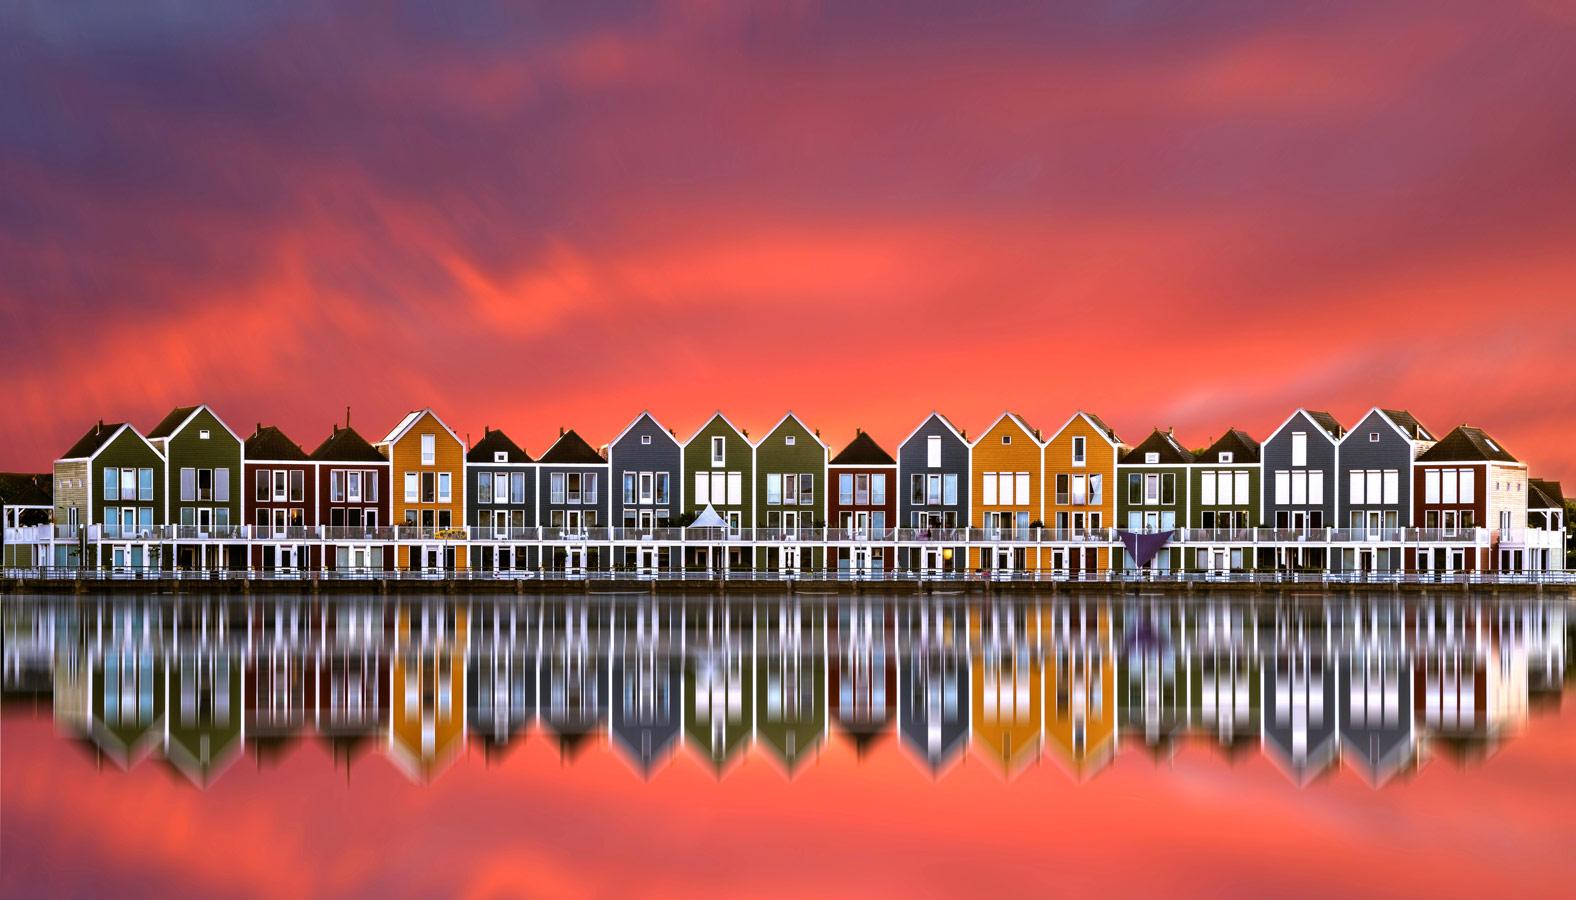 Regenbogenhäuser in Houten, © Kai Diederichs, Architecture and Infrastructure, CEWE Photo Award